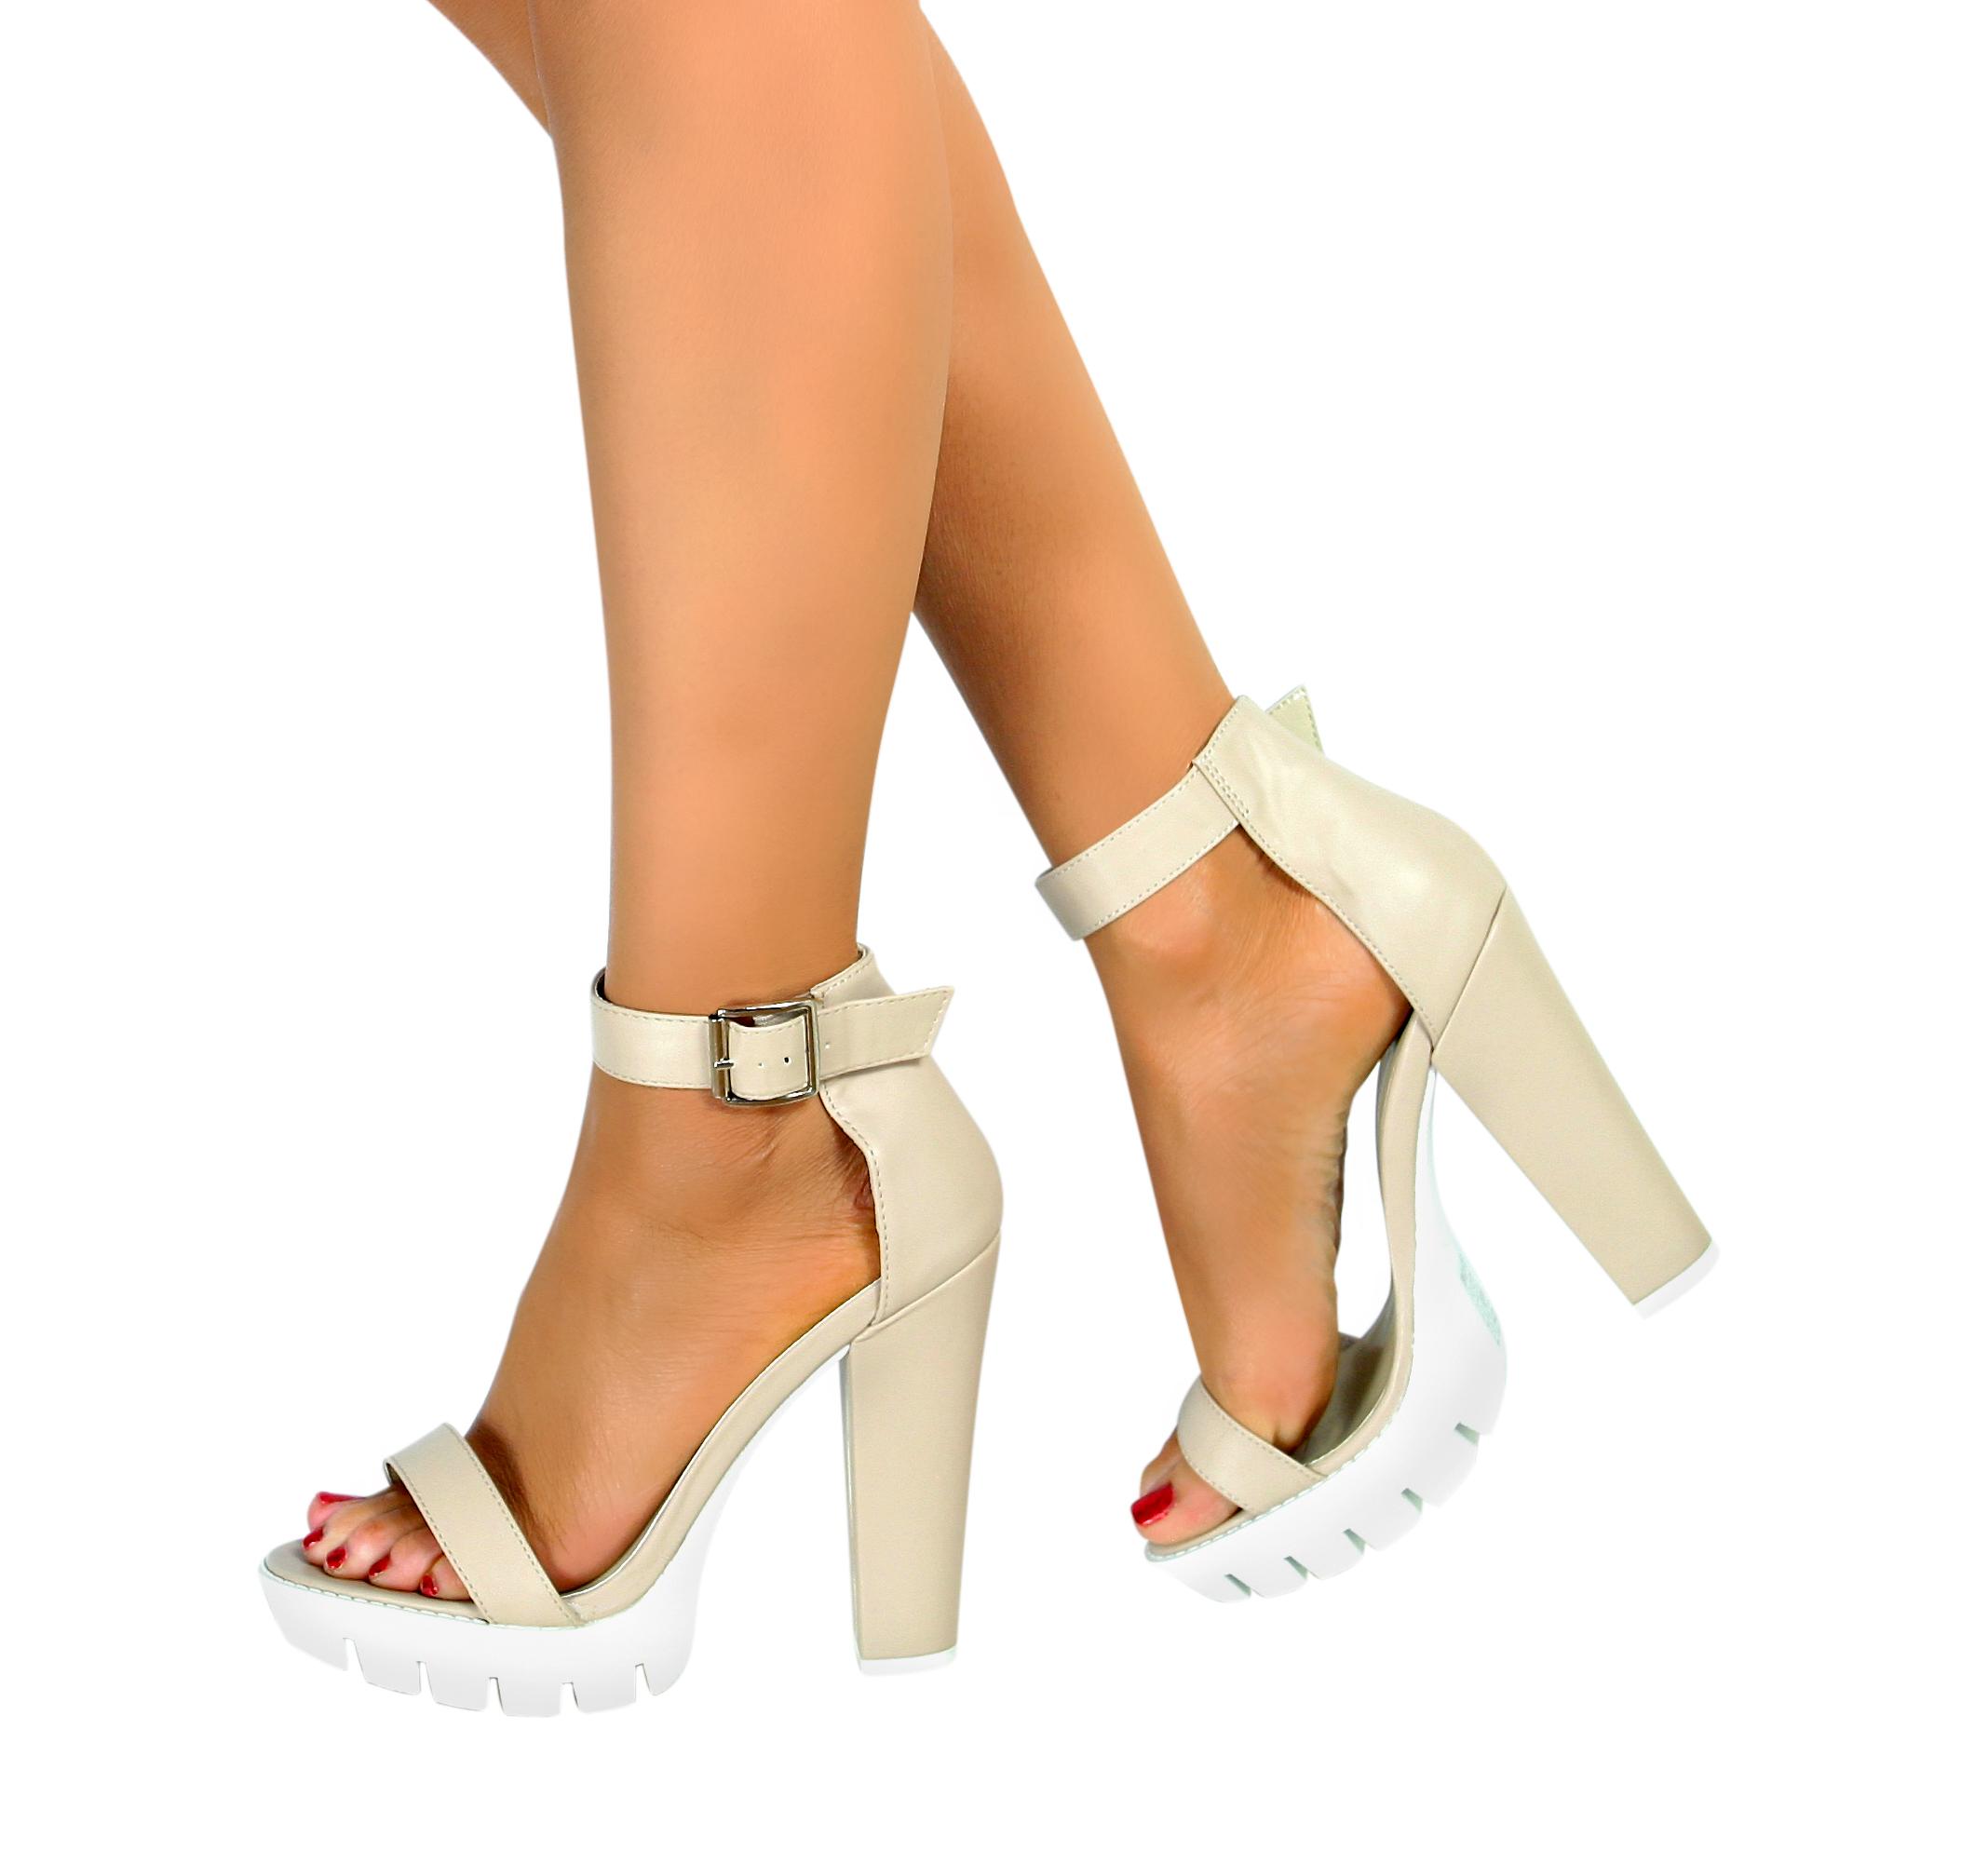 Nude Heels Size 3